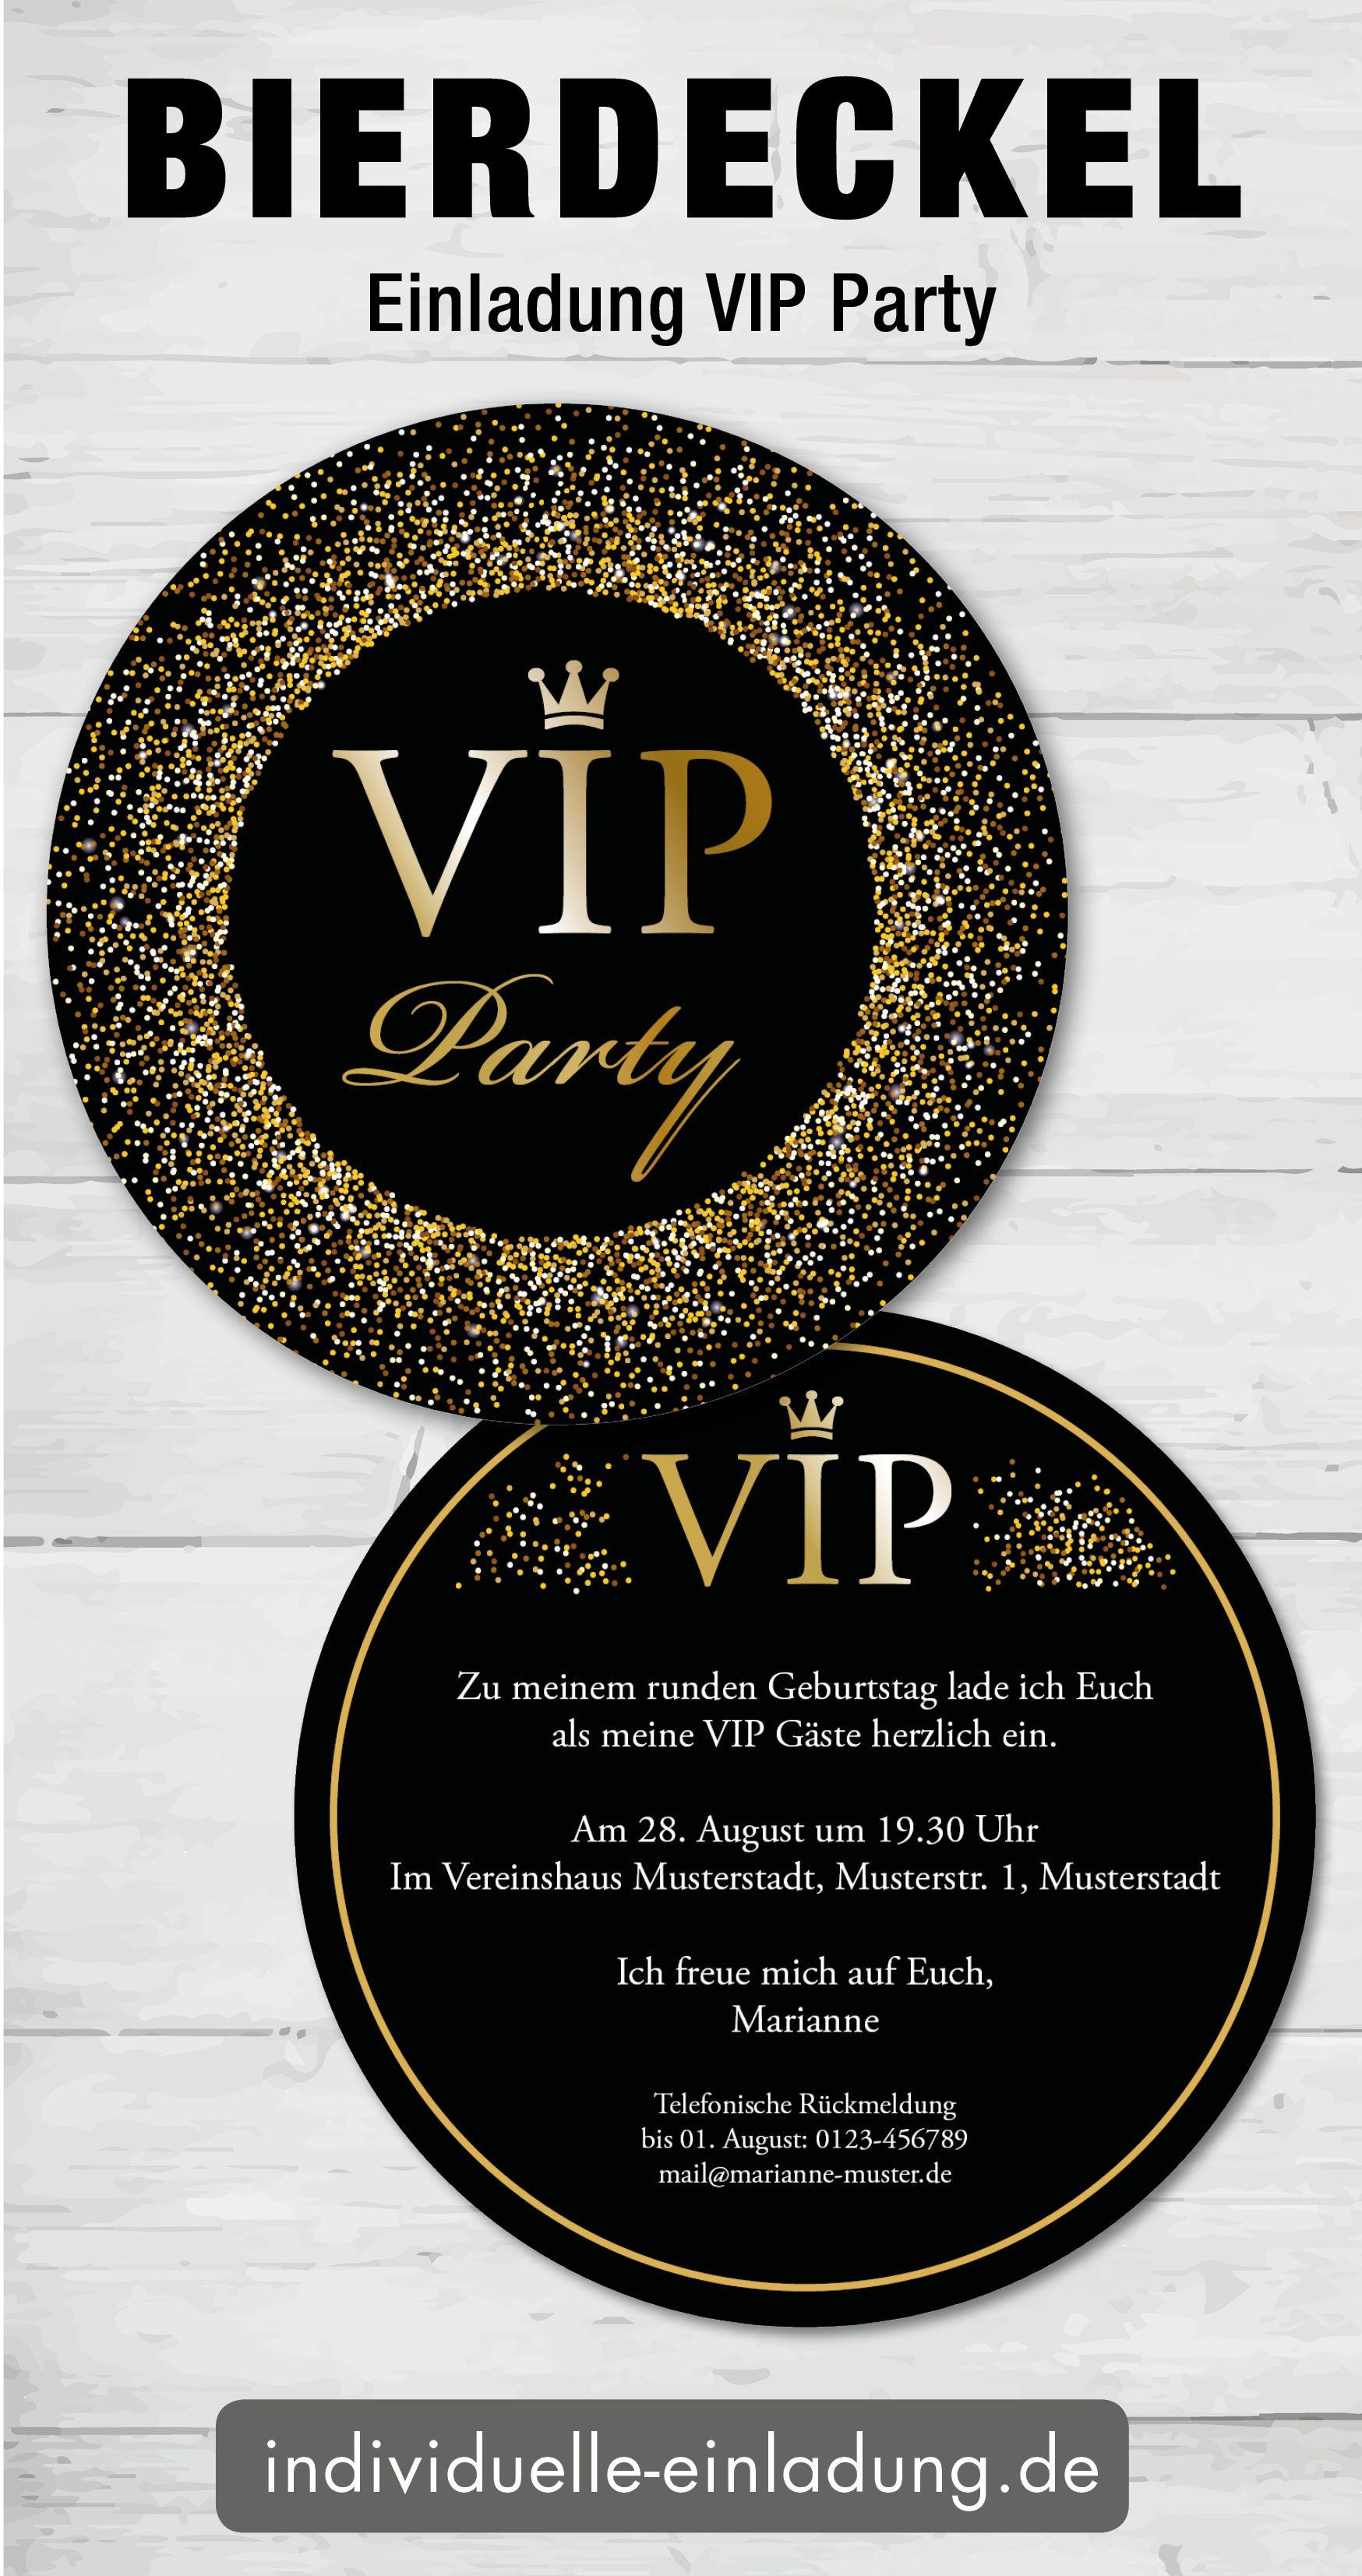 bierdeckel einladung | einladungen, bierdeckel, party